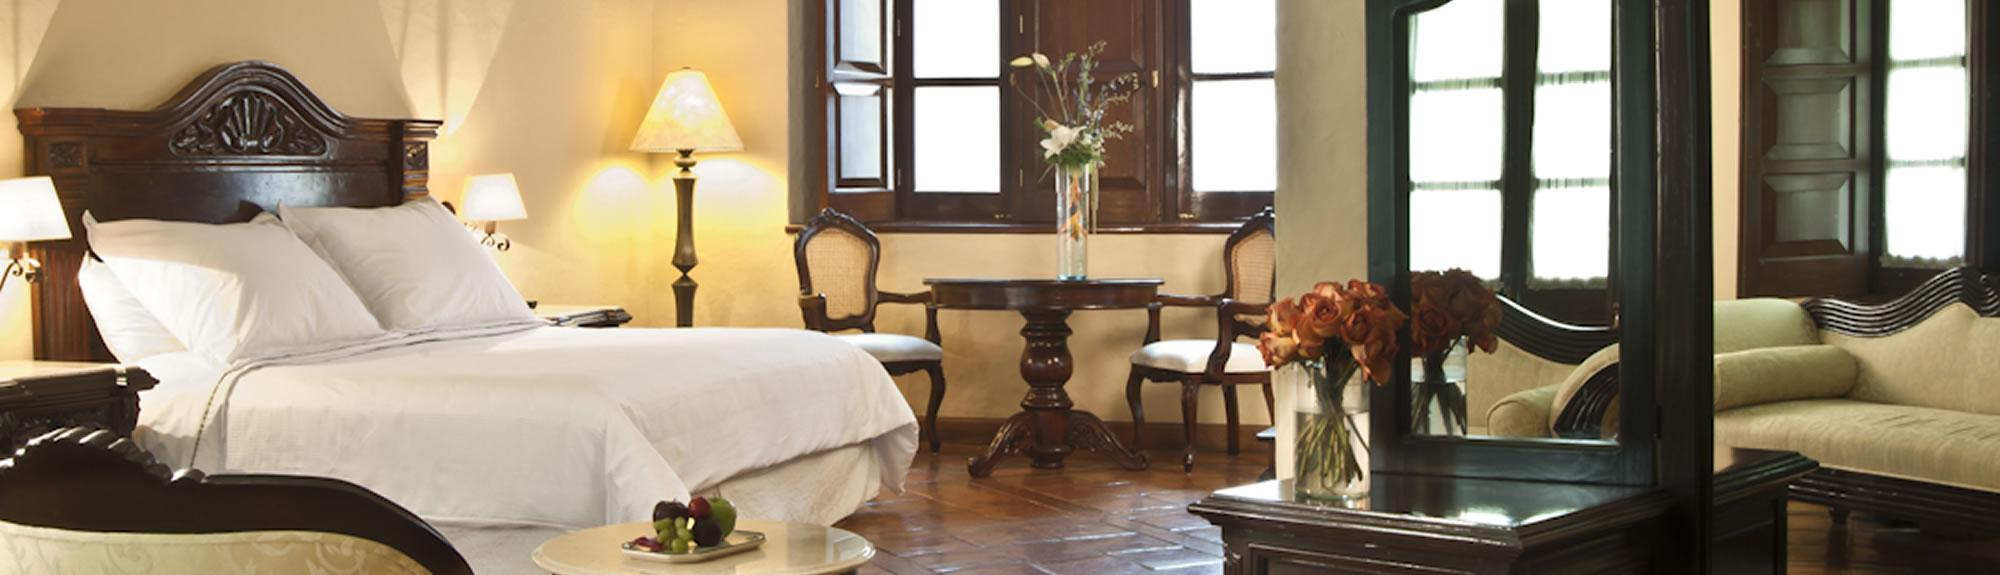 Hotel 5 estrellas en Cuernavaca